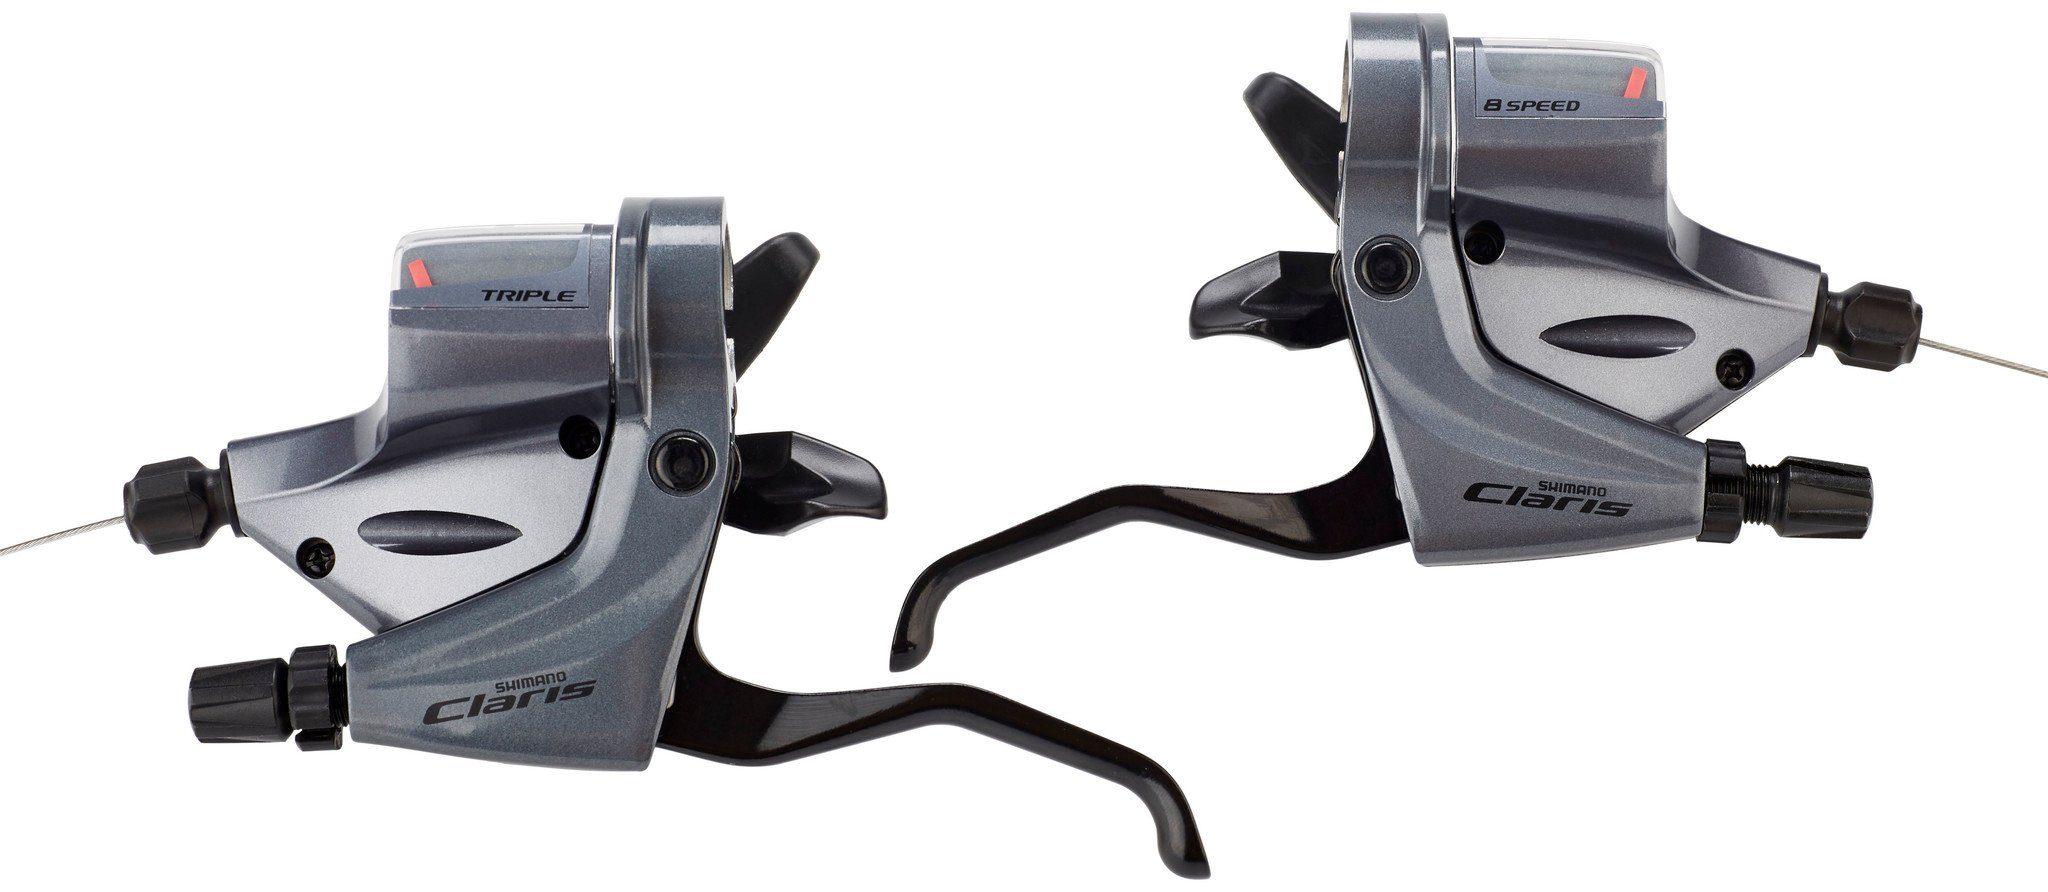 Shimano Schaltung »Claris ST-R240 Schalt-/Bremshebel 3x8-fach«